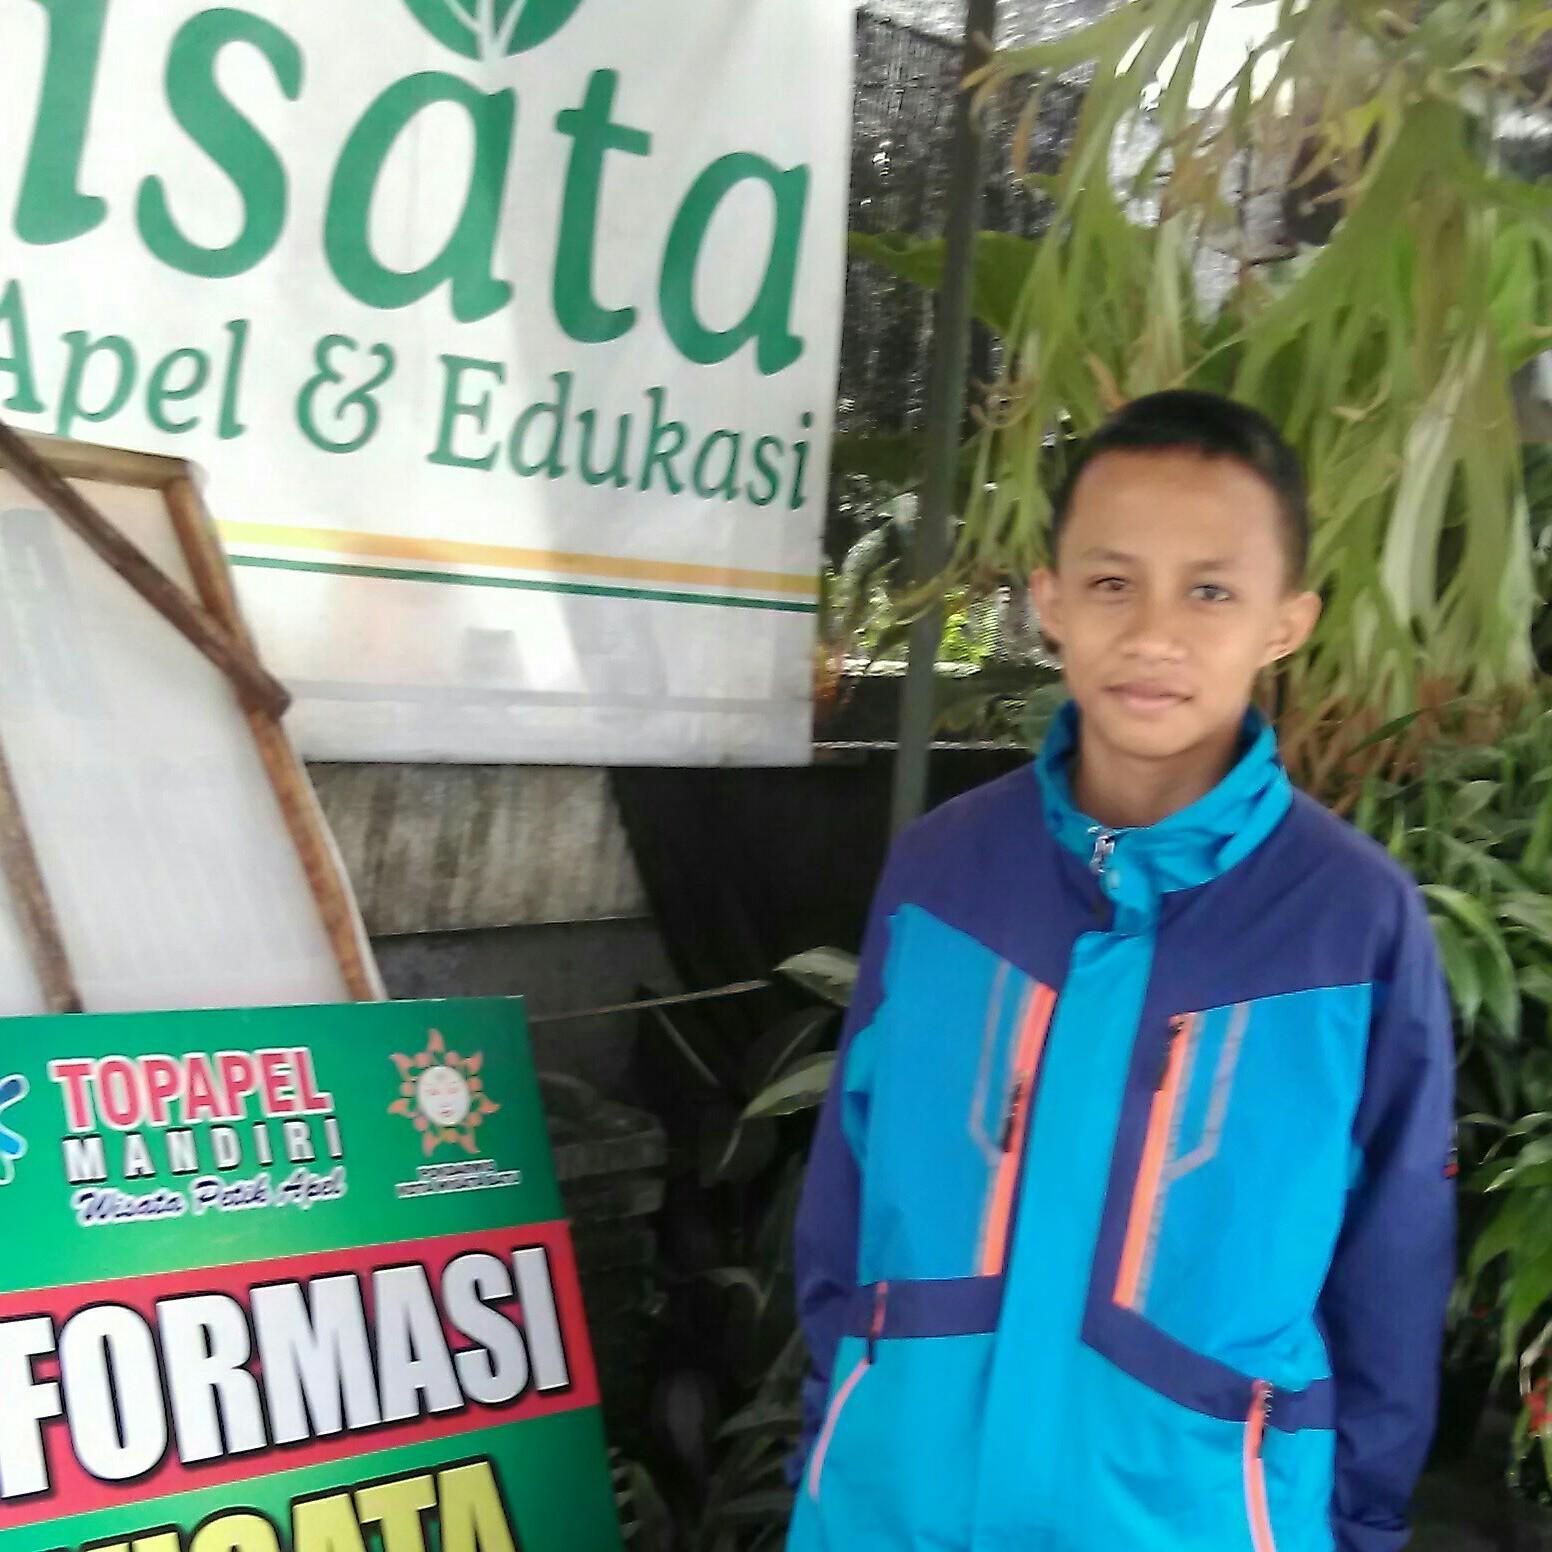 Bahasa Indonesia Adalah Bahasa Pemersatu Bangsa Indonesia Hal Ini Terjadi Pada Saat Brainly Co Id